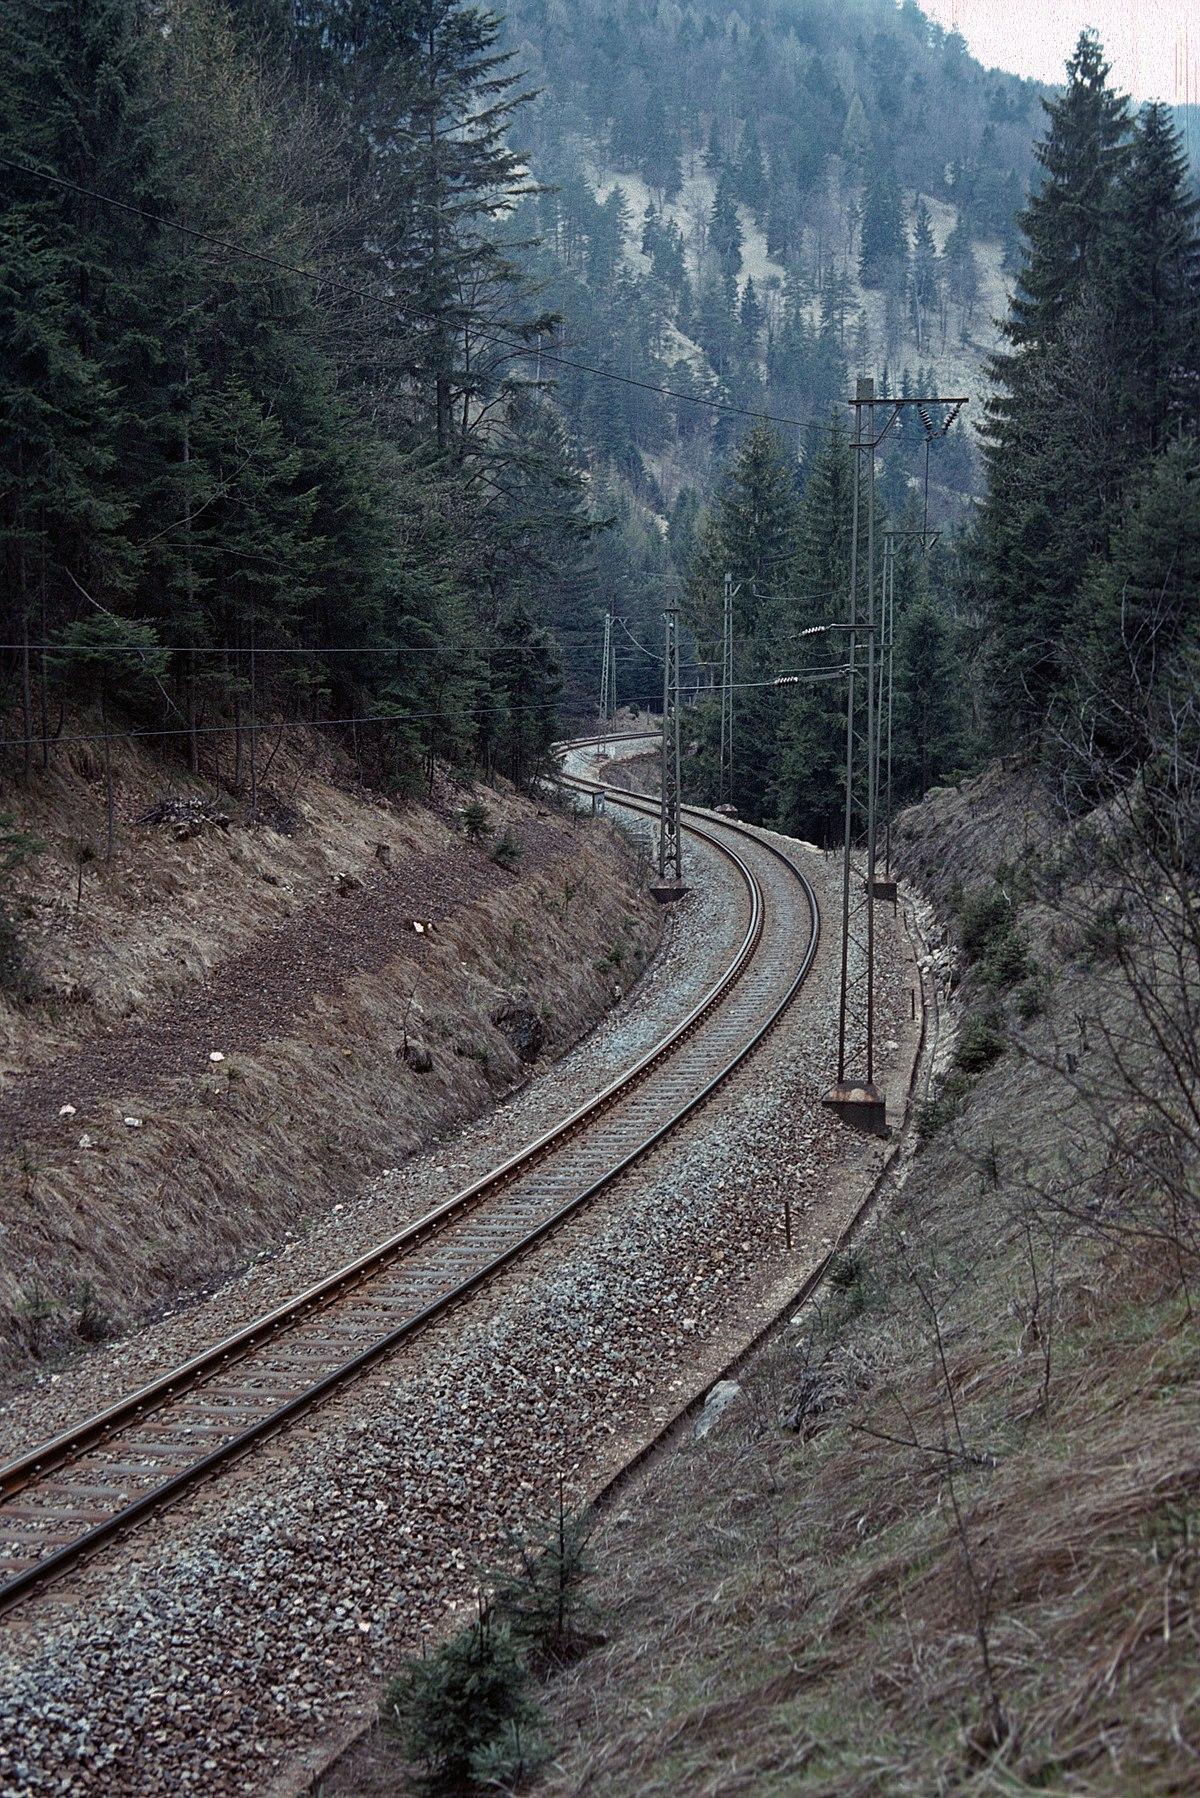 Freilassing Berchtesgaden Railway Wikipedia